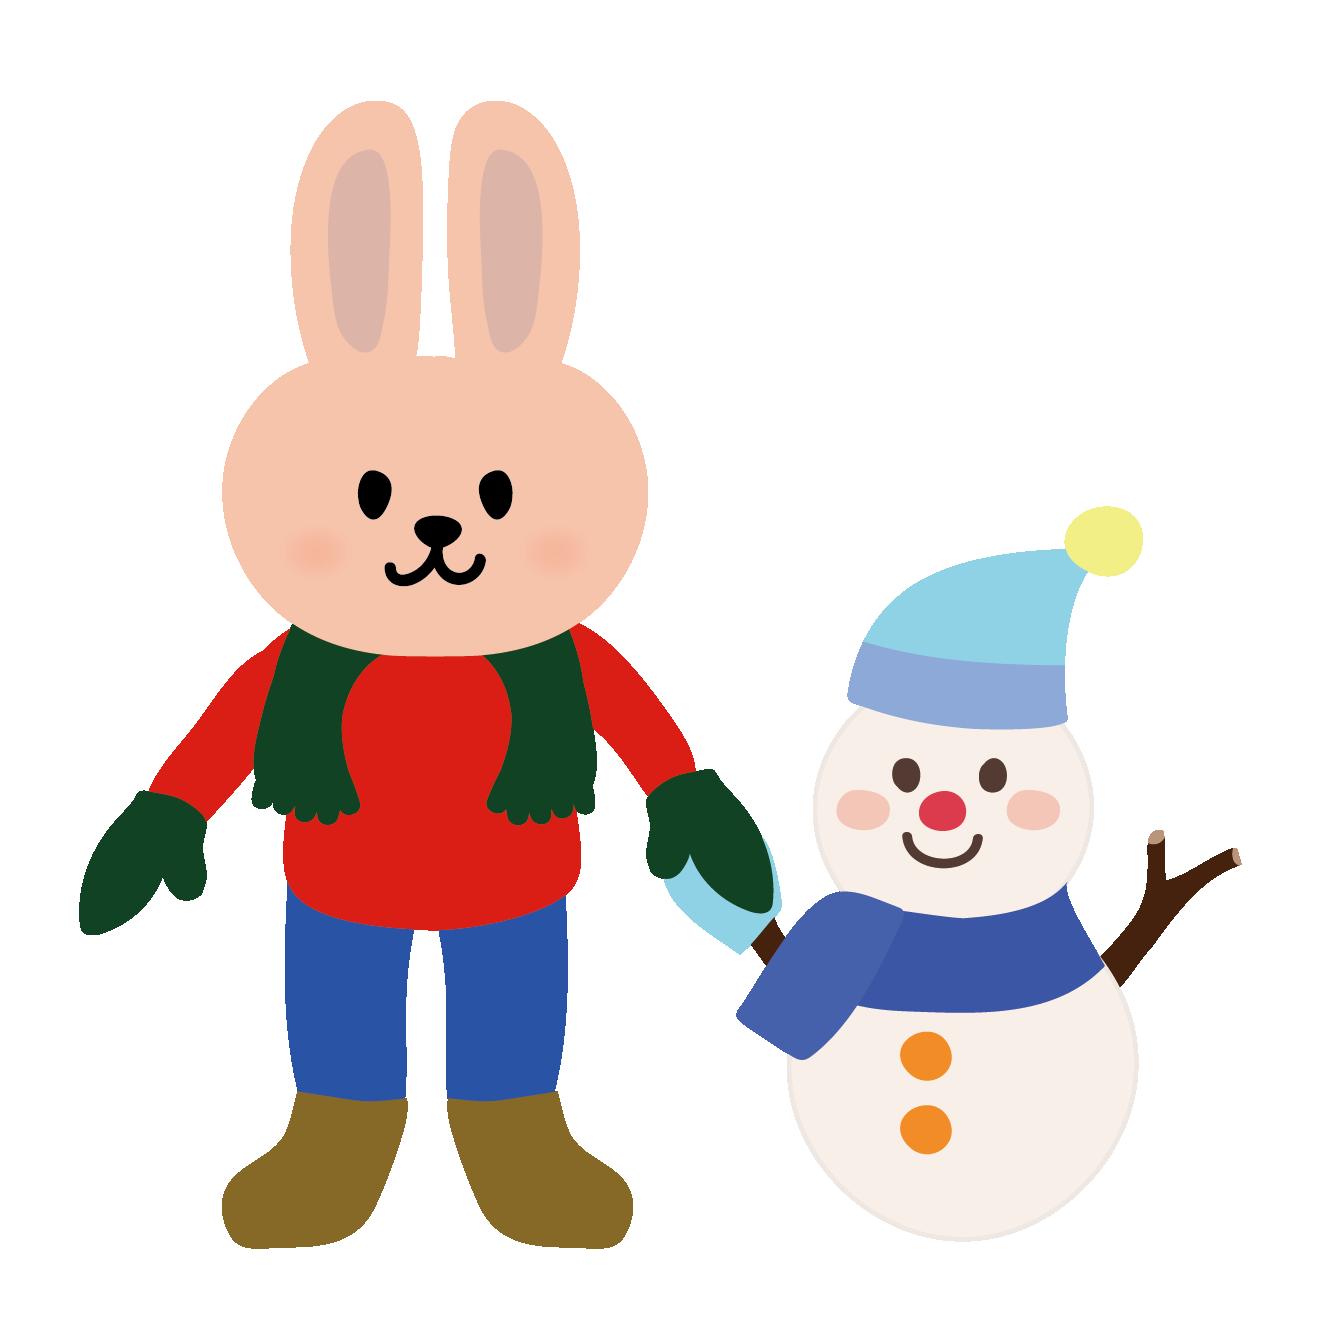 かわいいウサギうさぎと雪だるまのイラスト 商用フリー無料の